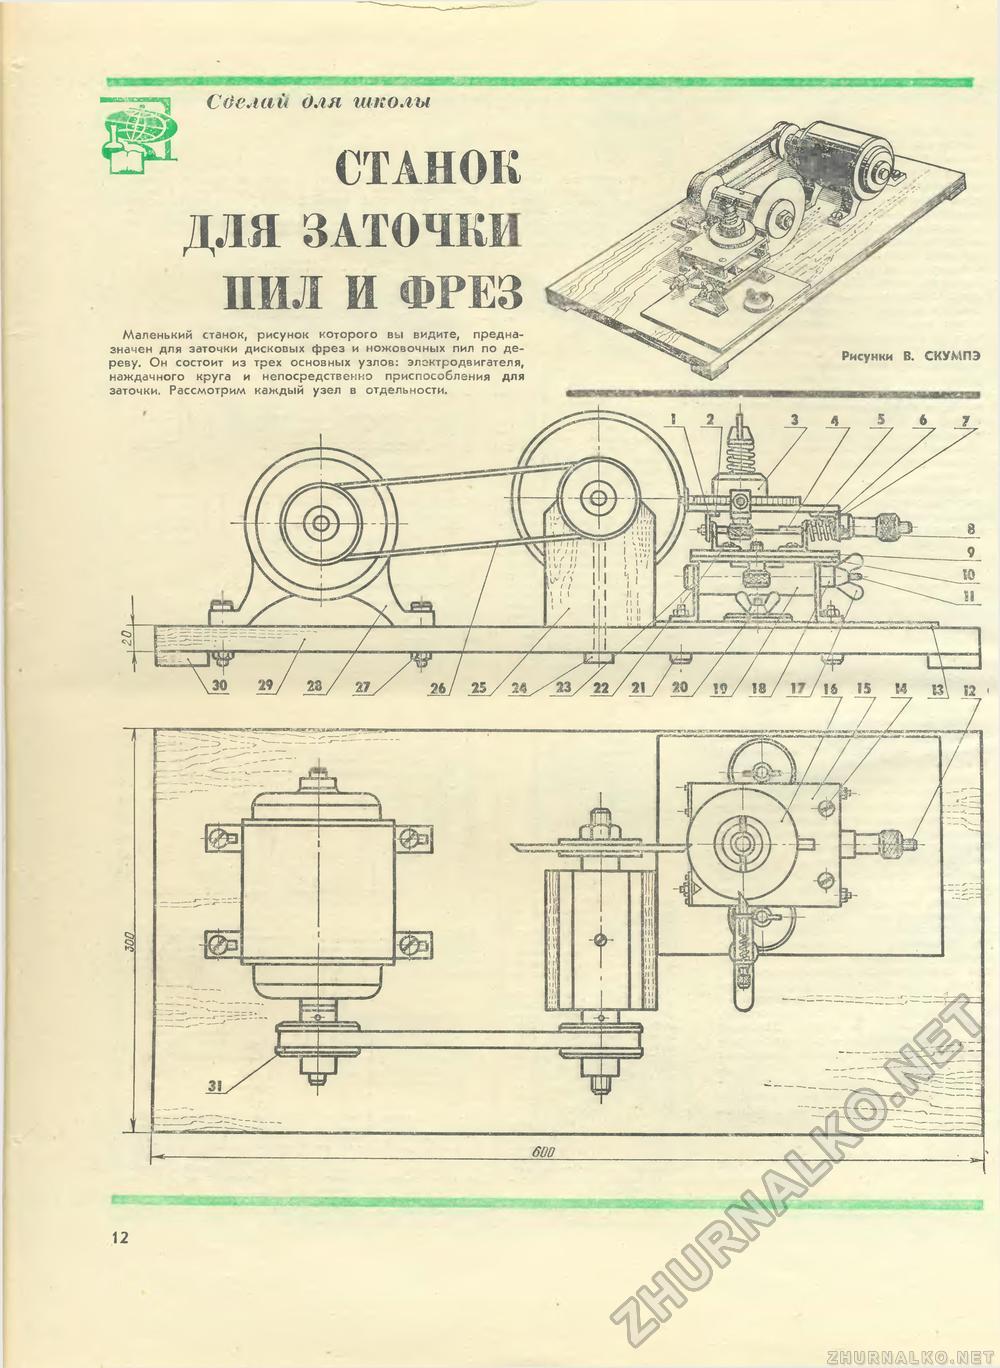 Ленточная пила своими руками : чертежи и советы по изготовлению 64